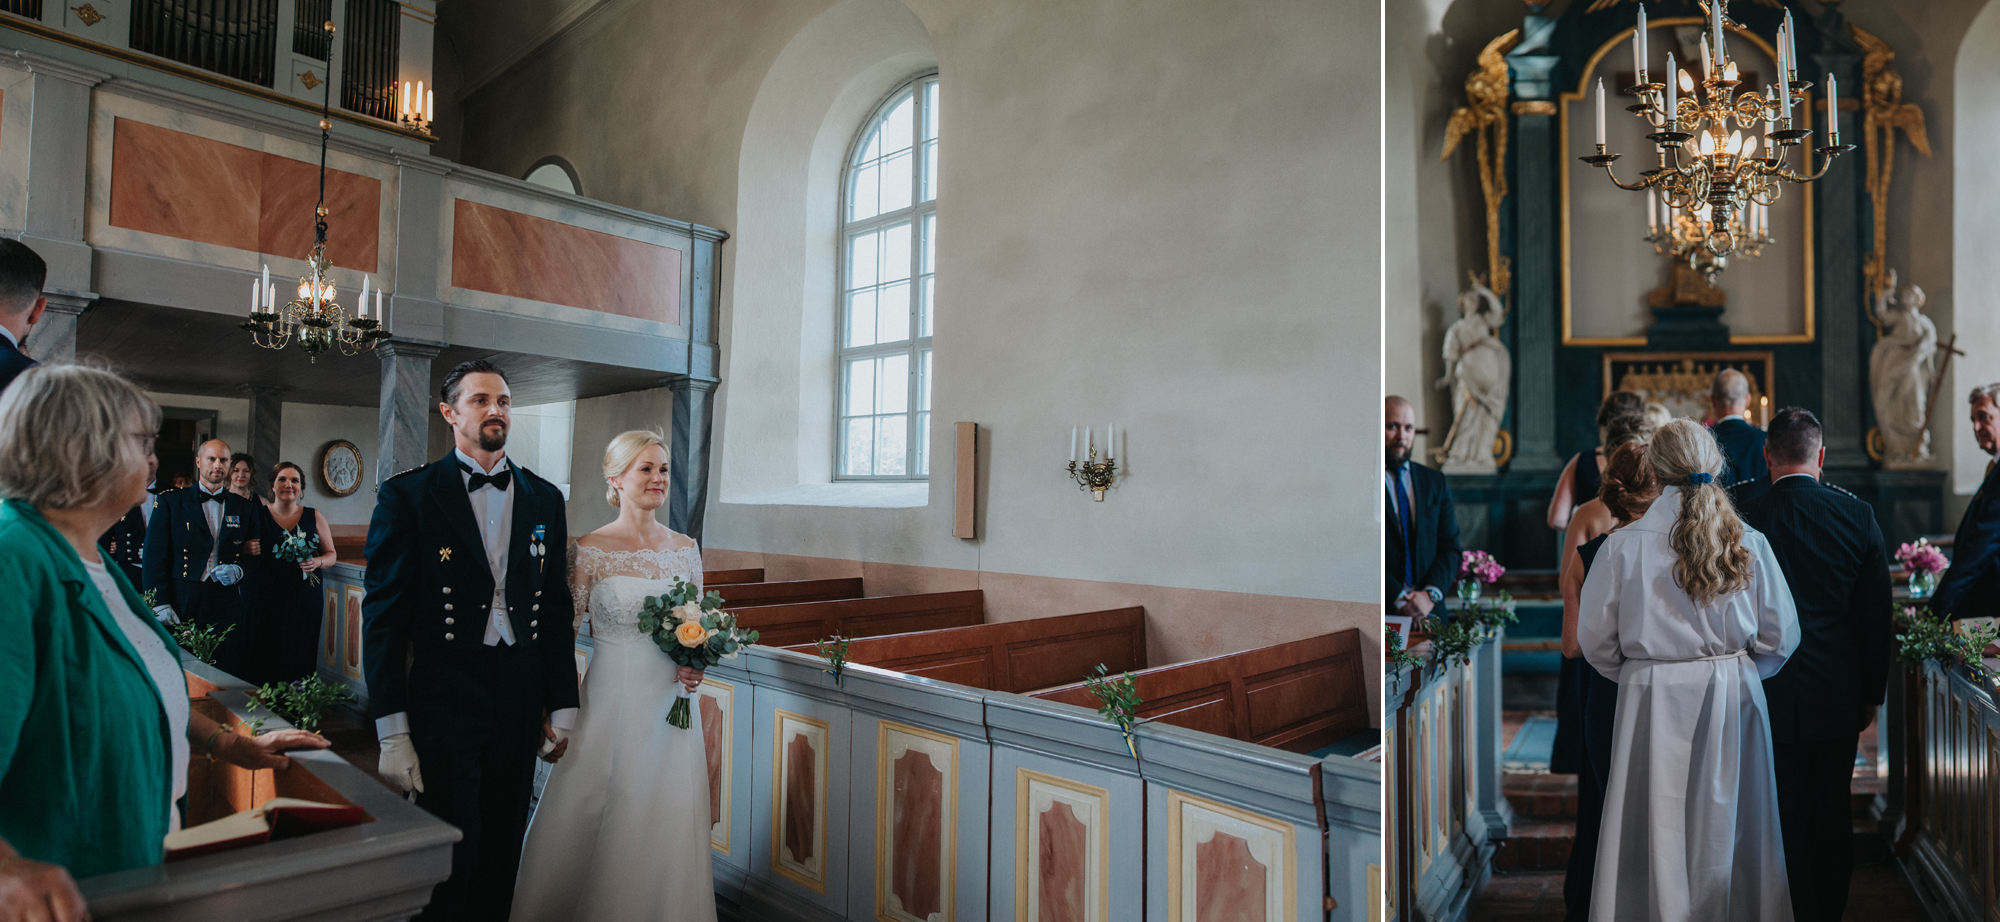 024-bröllopsfotograf-vassunda-knivsta-neas-fotografi.jpg